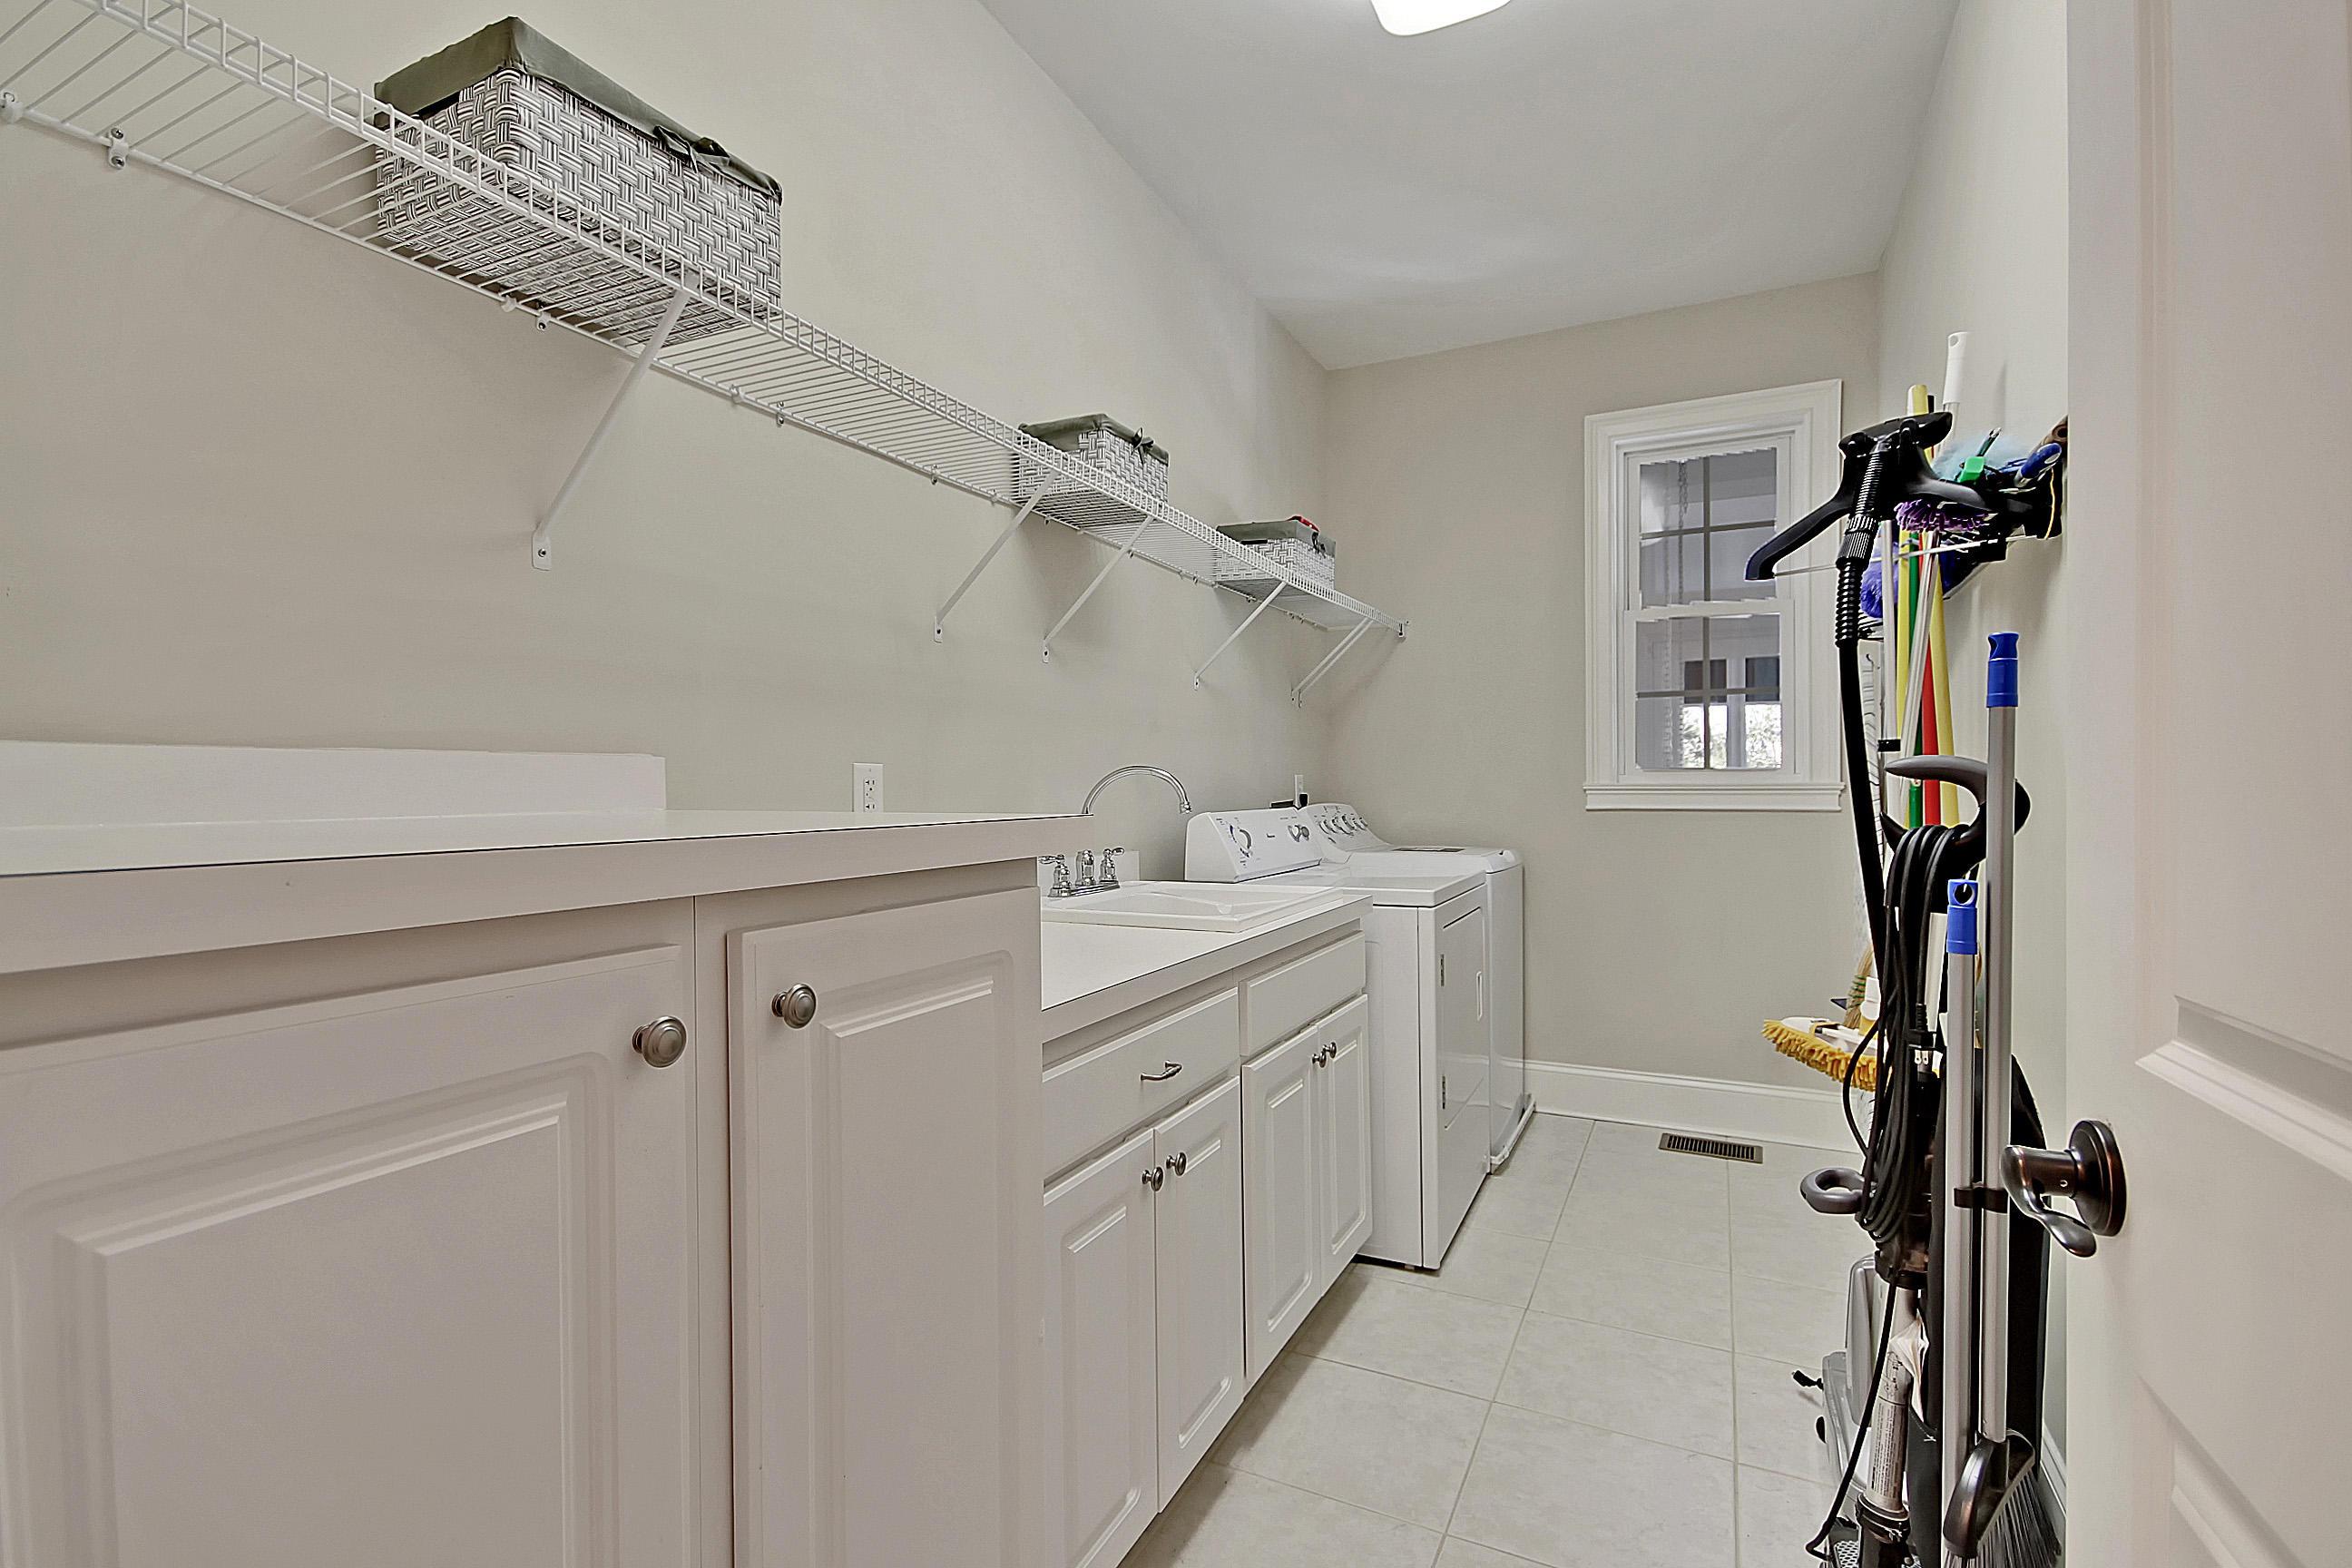 Dunes West Homes For Sale - 2721 Fountainhead, Mount Pleasant, SC - 67